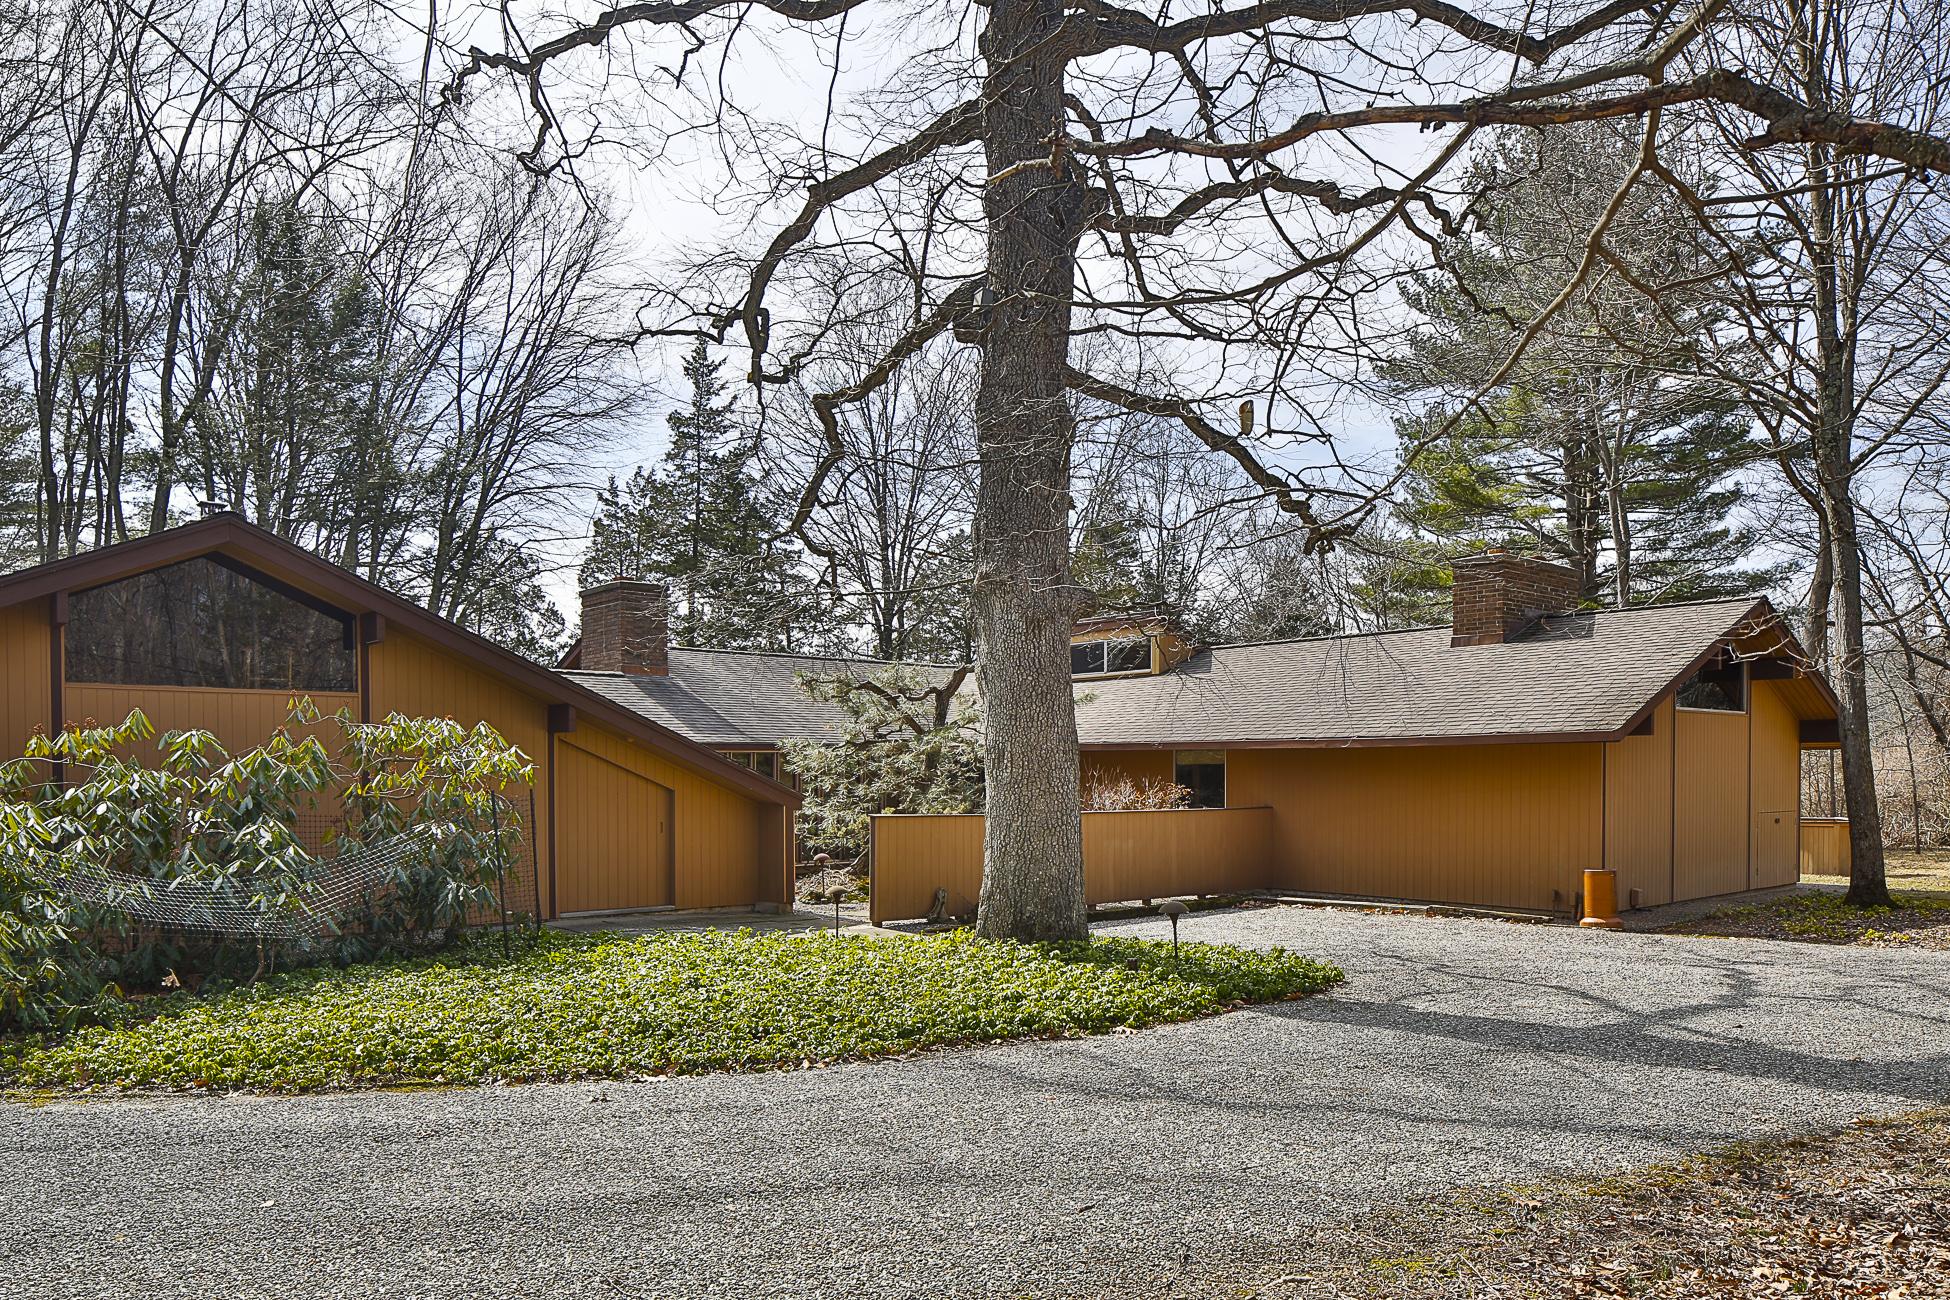 Maison unifamiliale pour l Vente à A Great Escape - Hopewell Township 3 East Shore Drive Princeton, New Jersey 08540 États-Unis